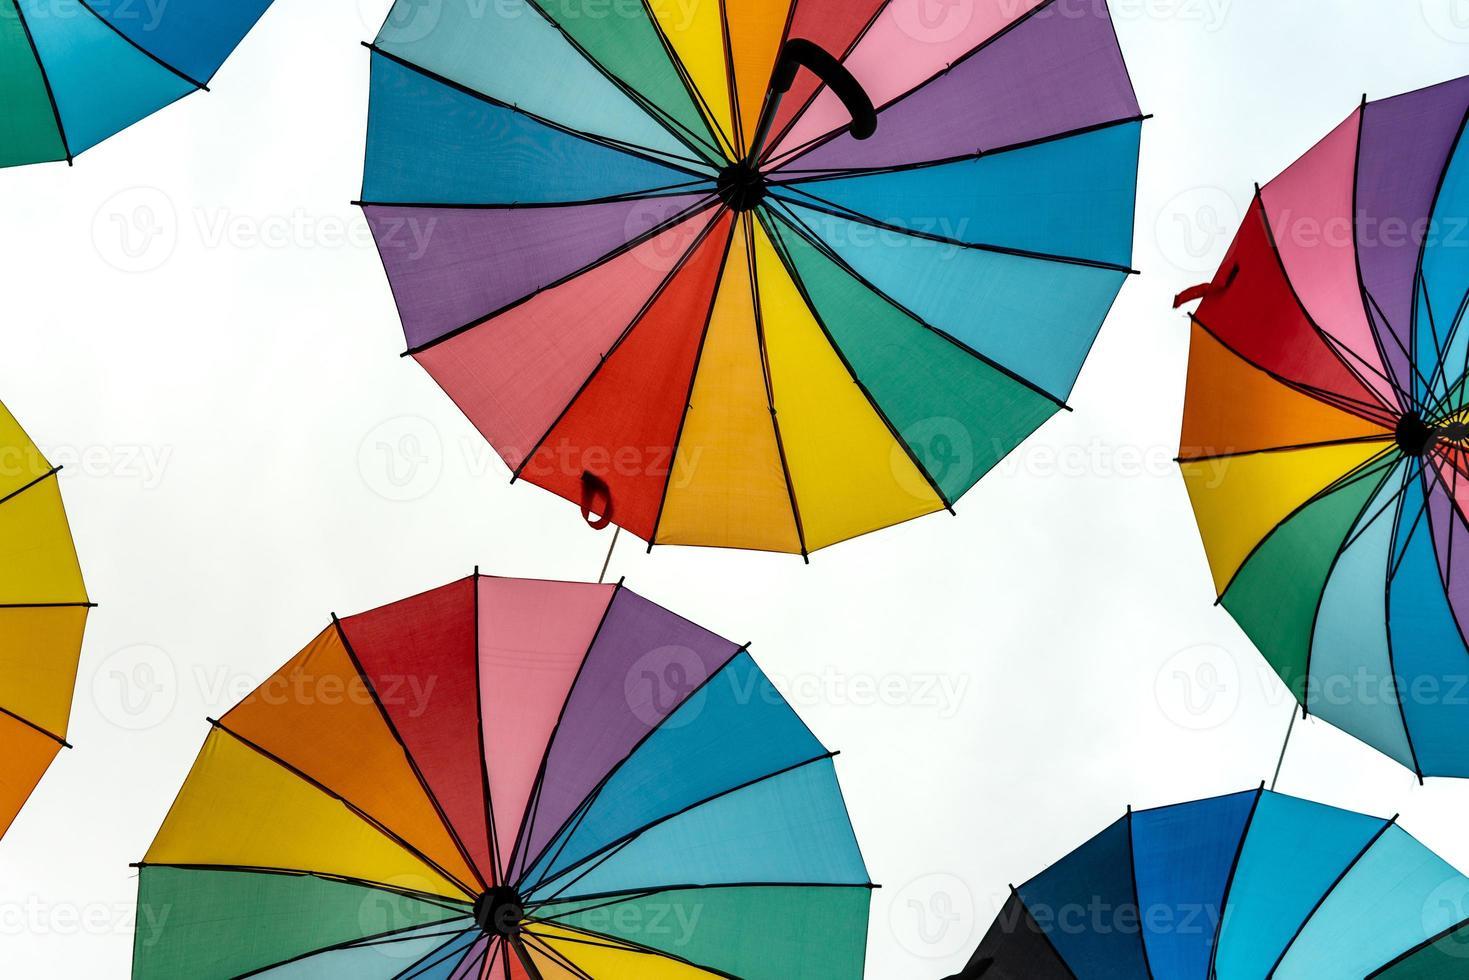 parapluies de couleur fierté photo